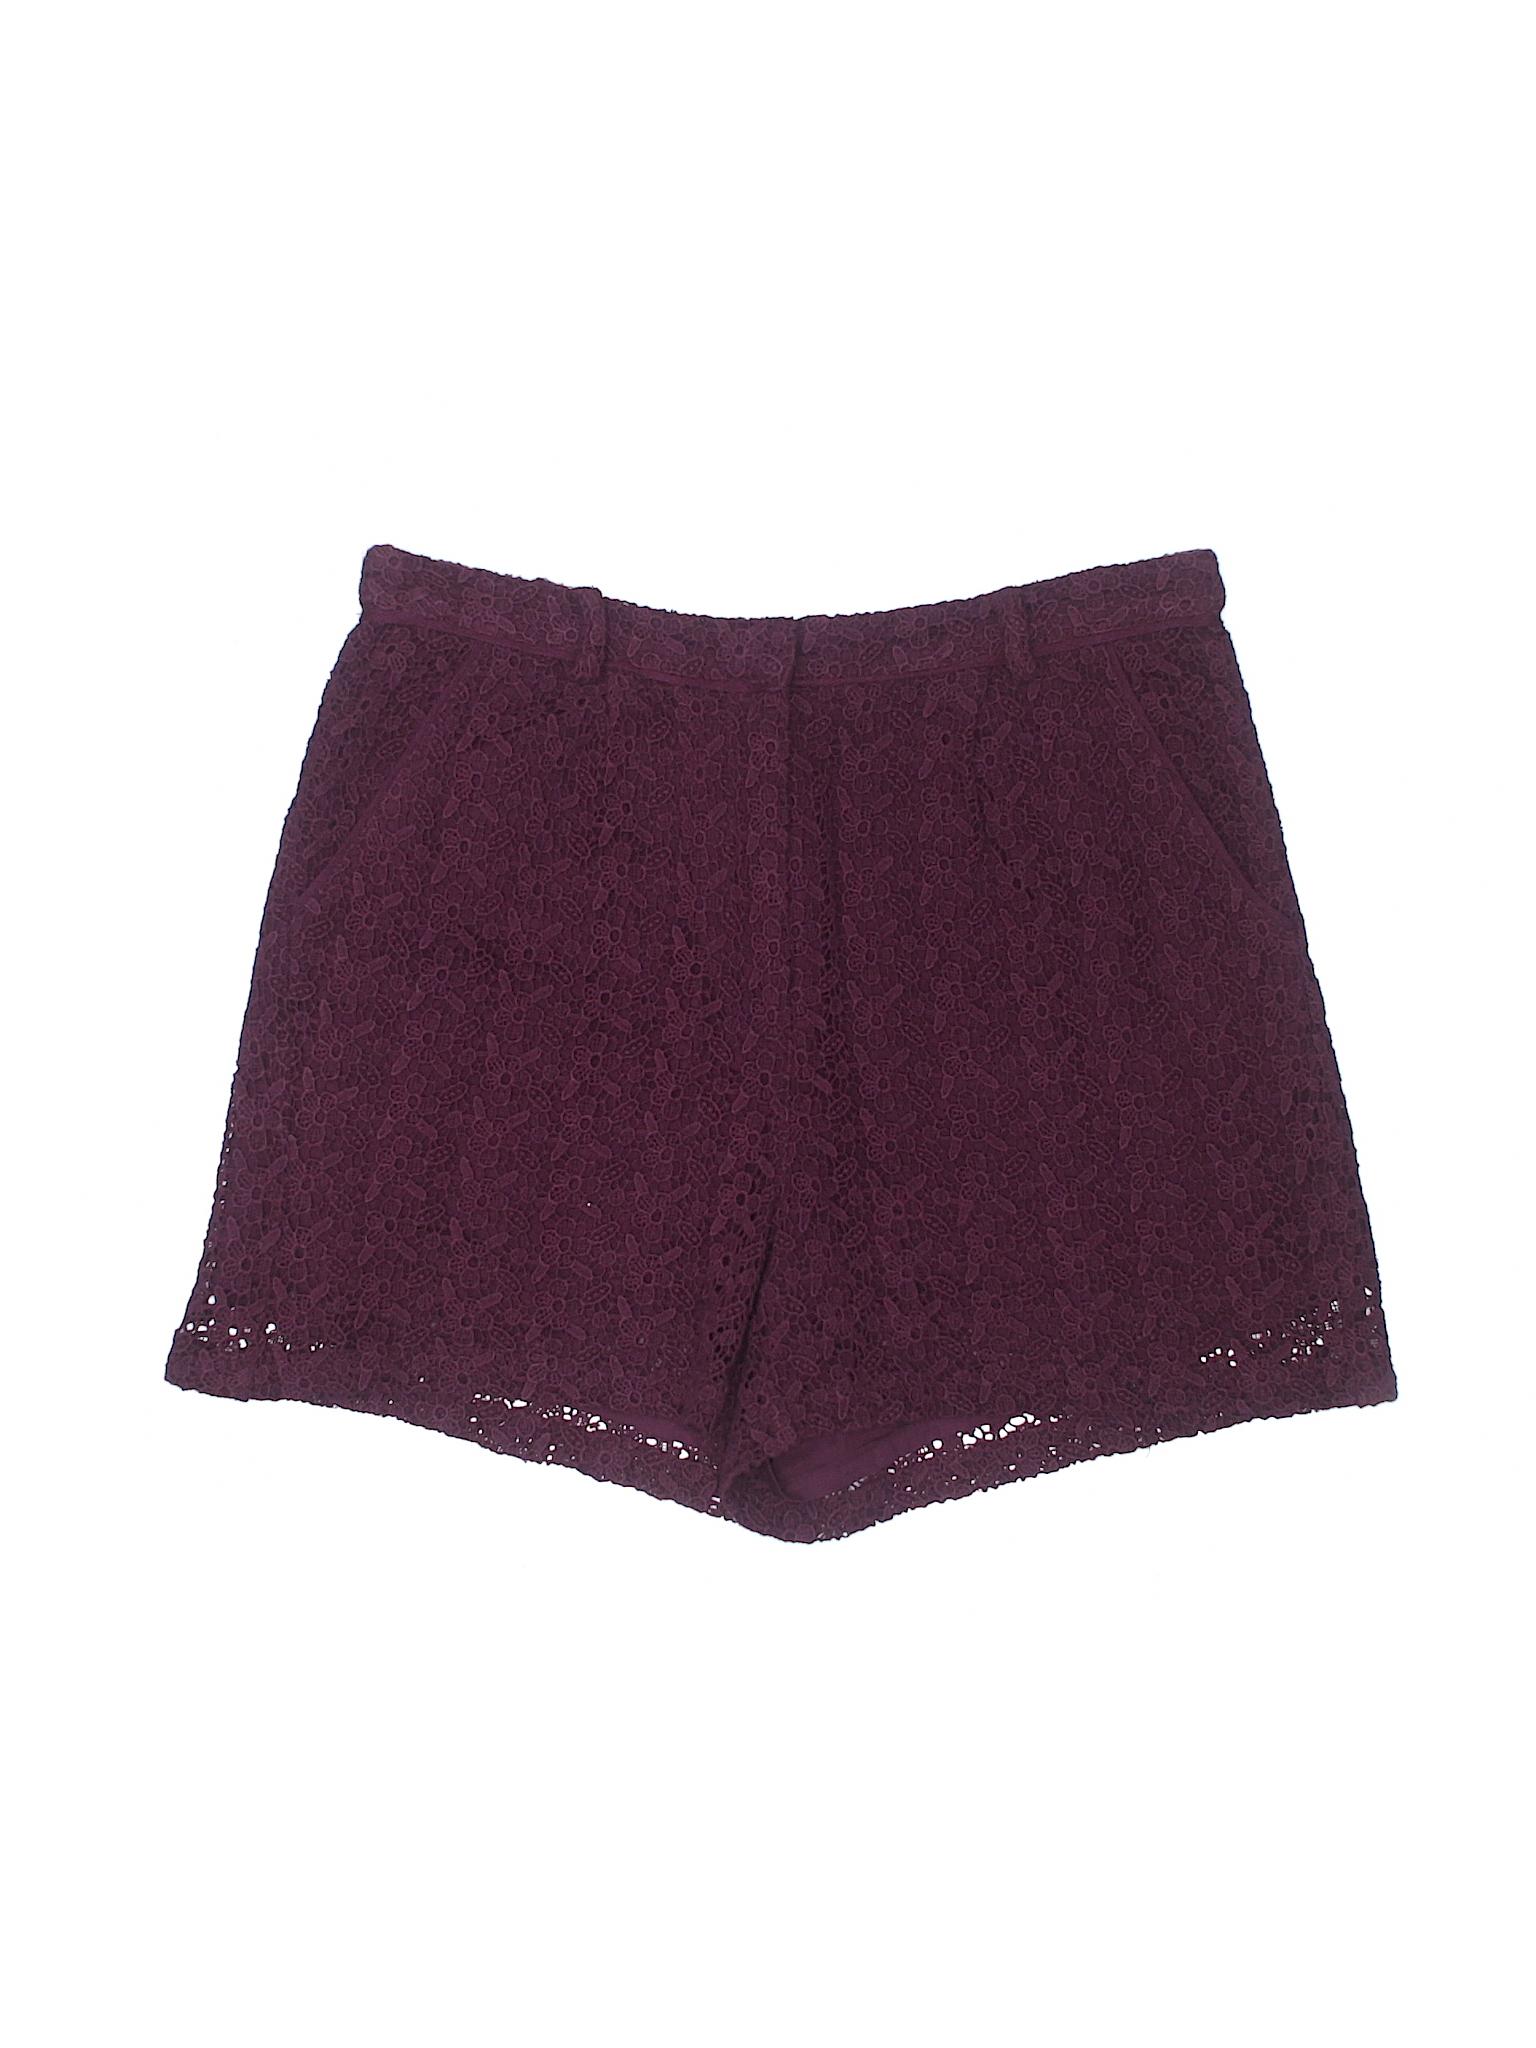 Dressy Boutique Dressy Boutique Shorts Topshop Topshop qIvzwC